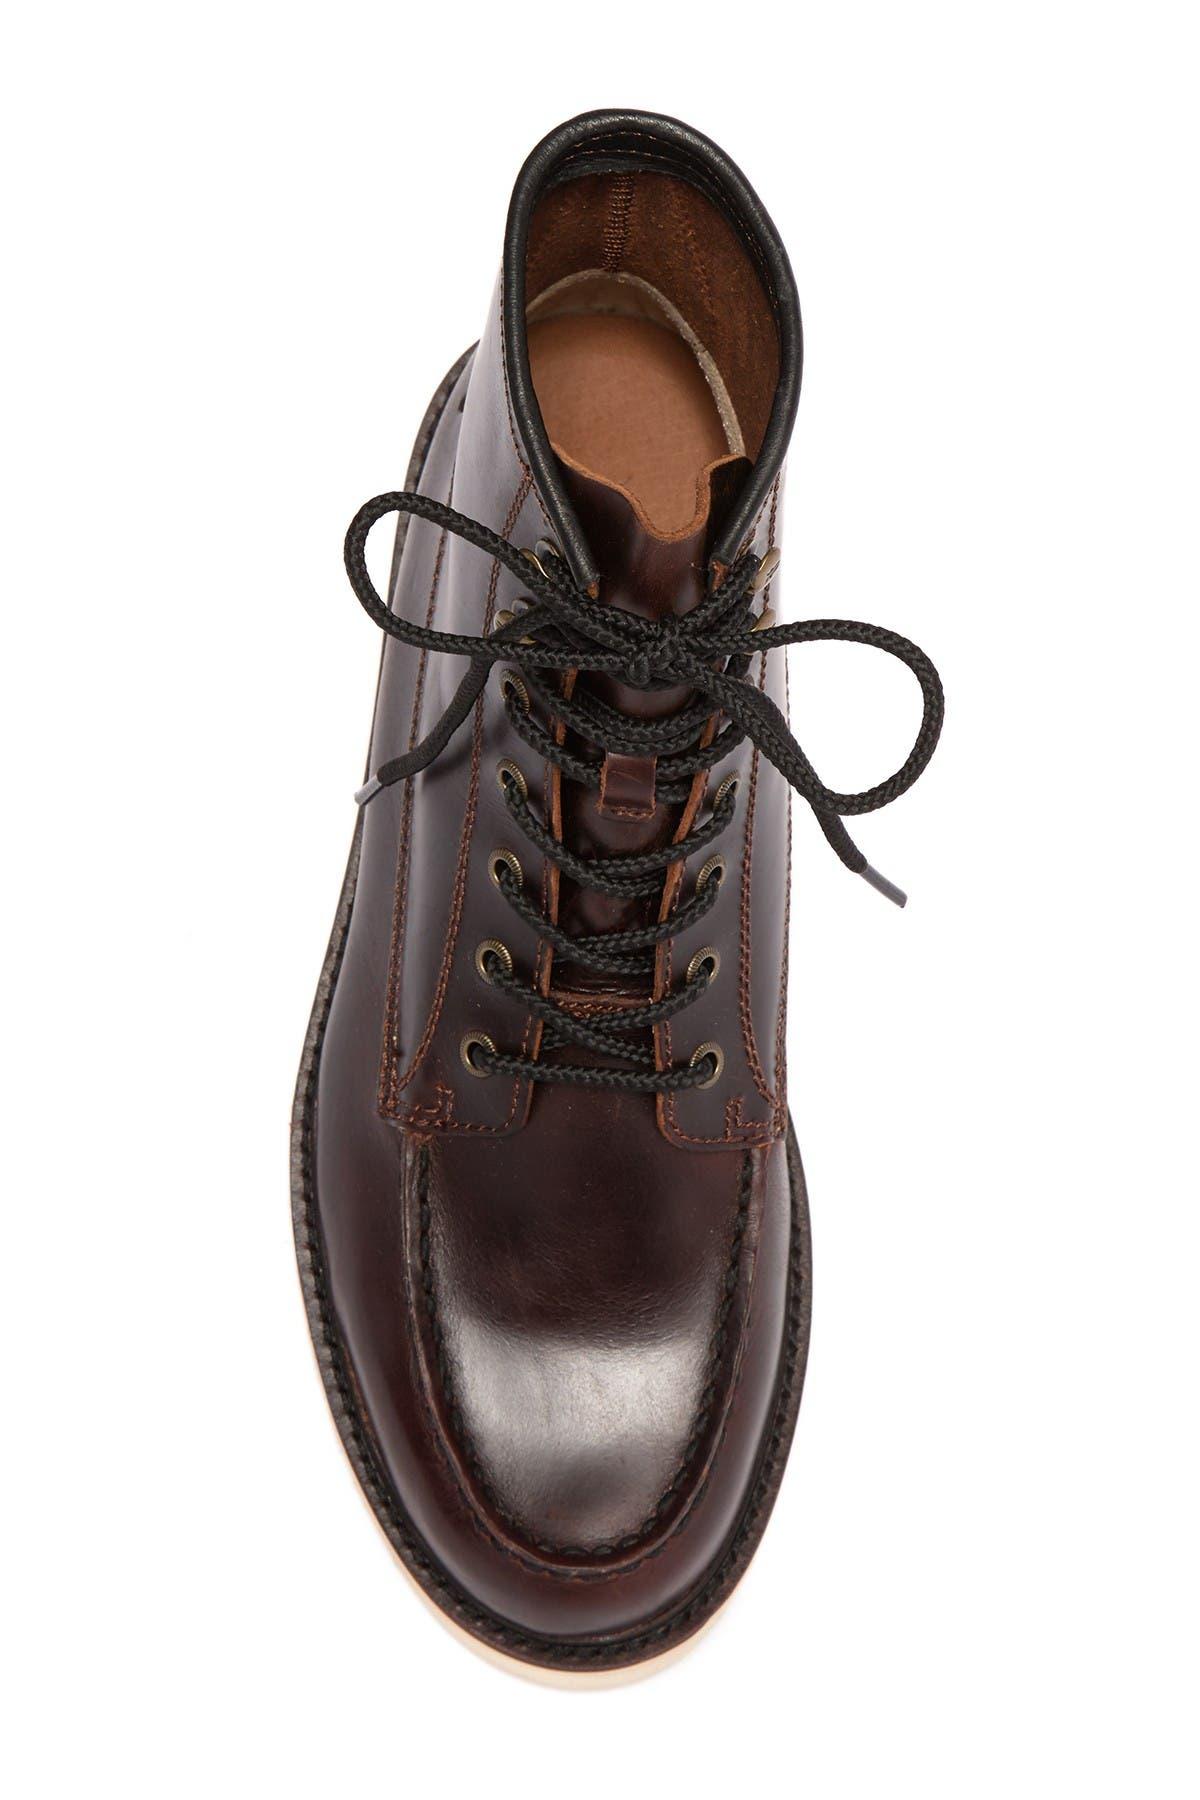 Frye | Dawson Leather Wedge Workboot